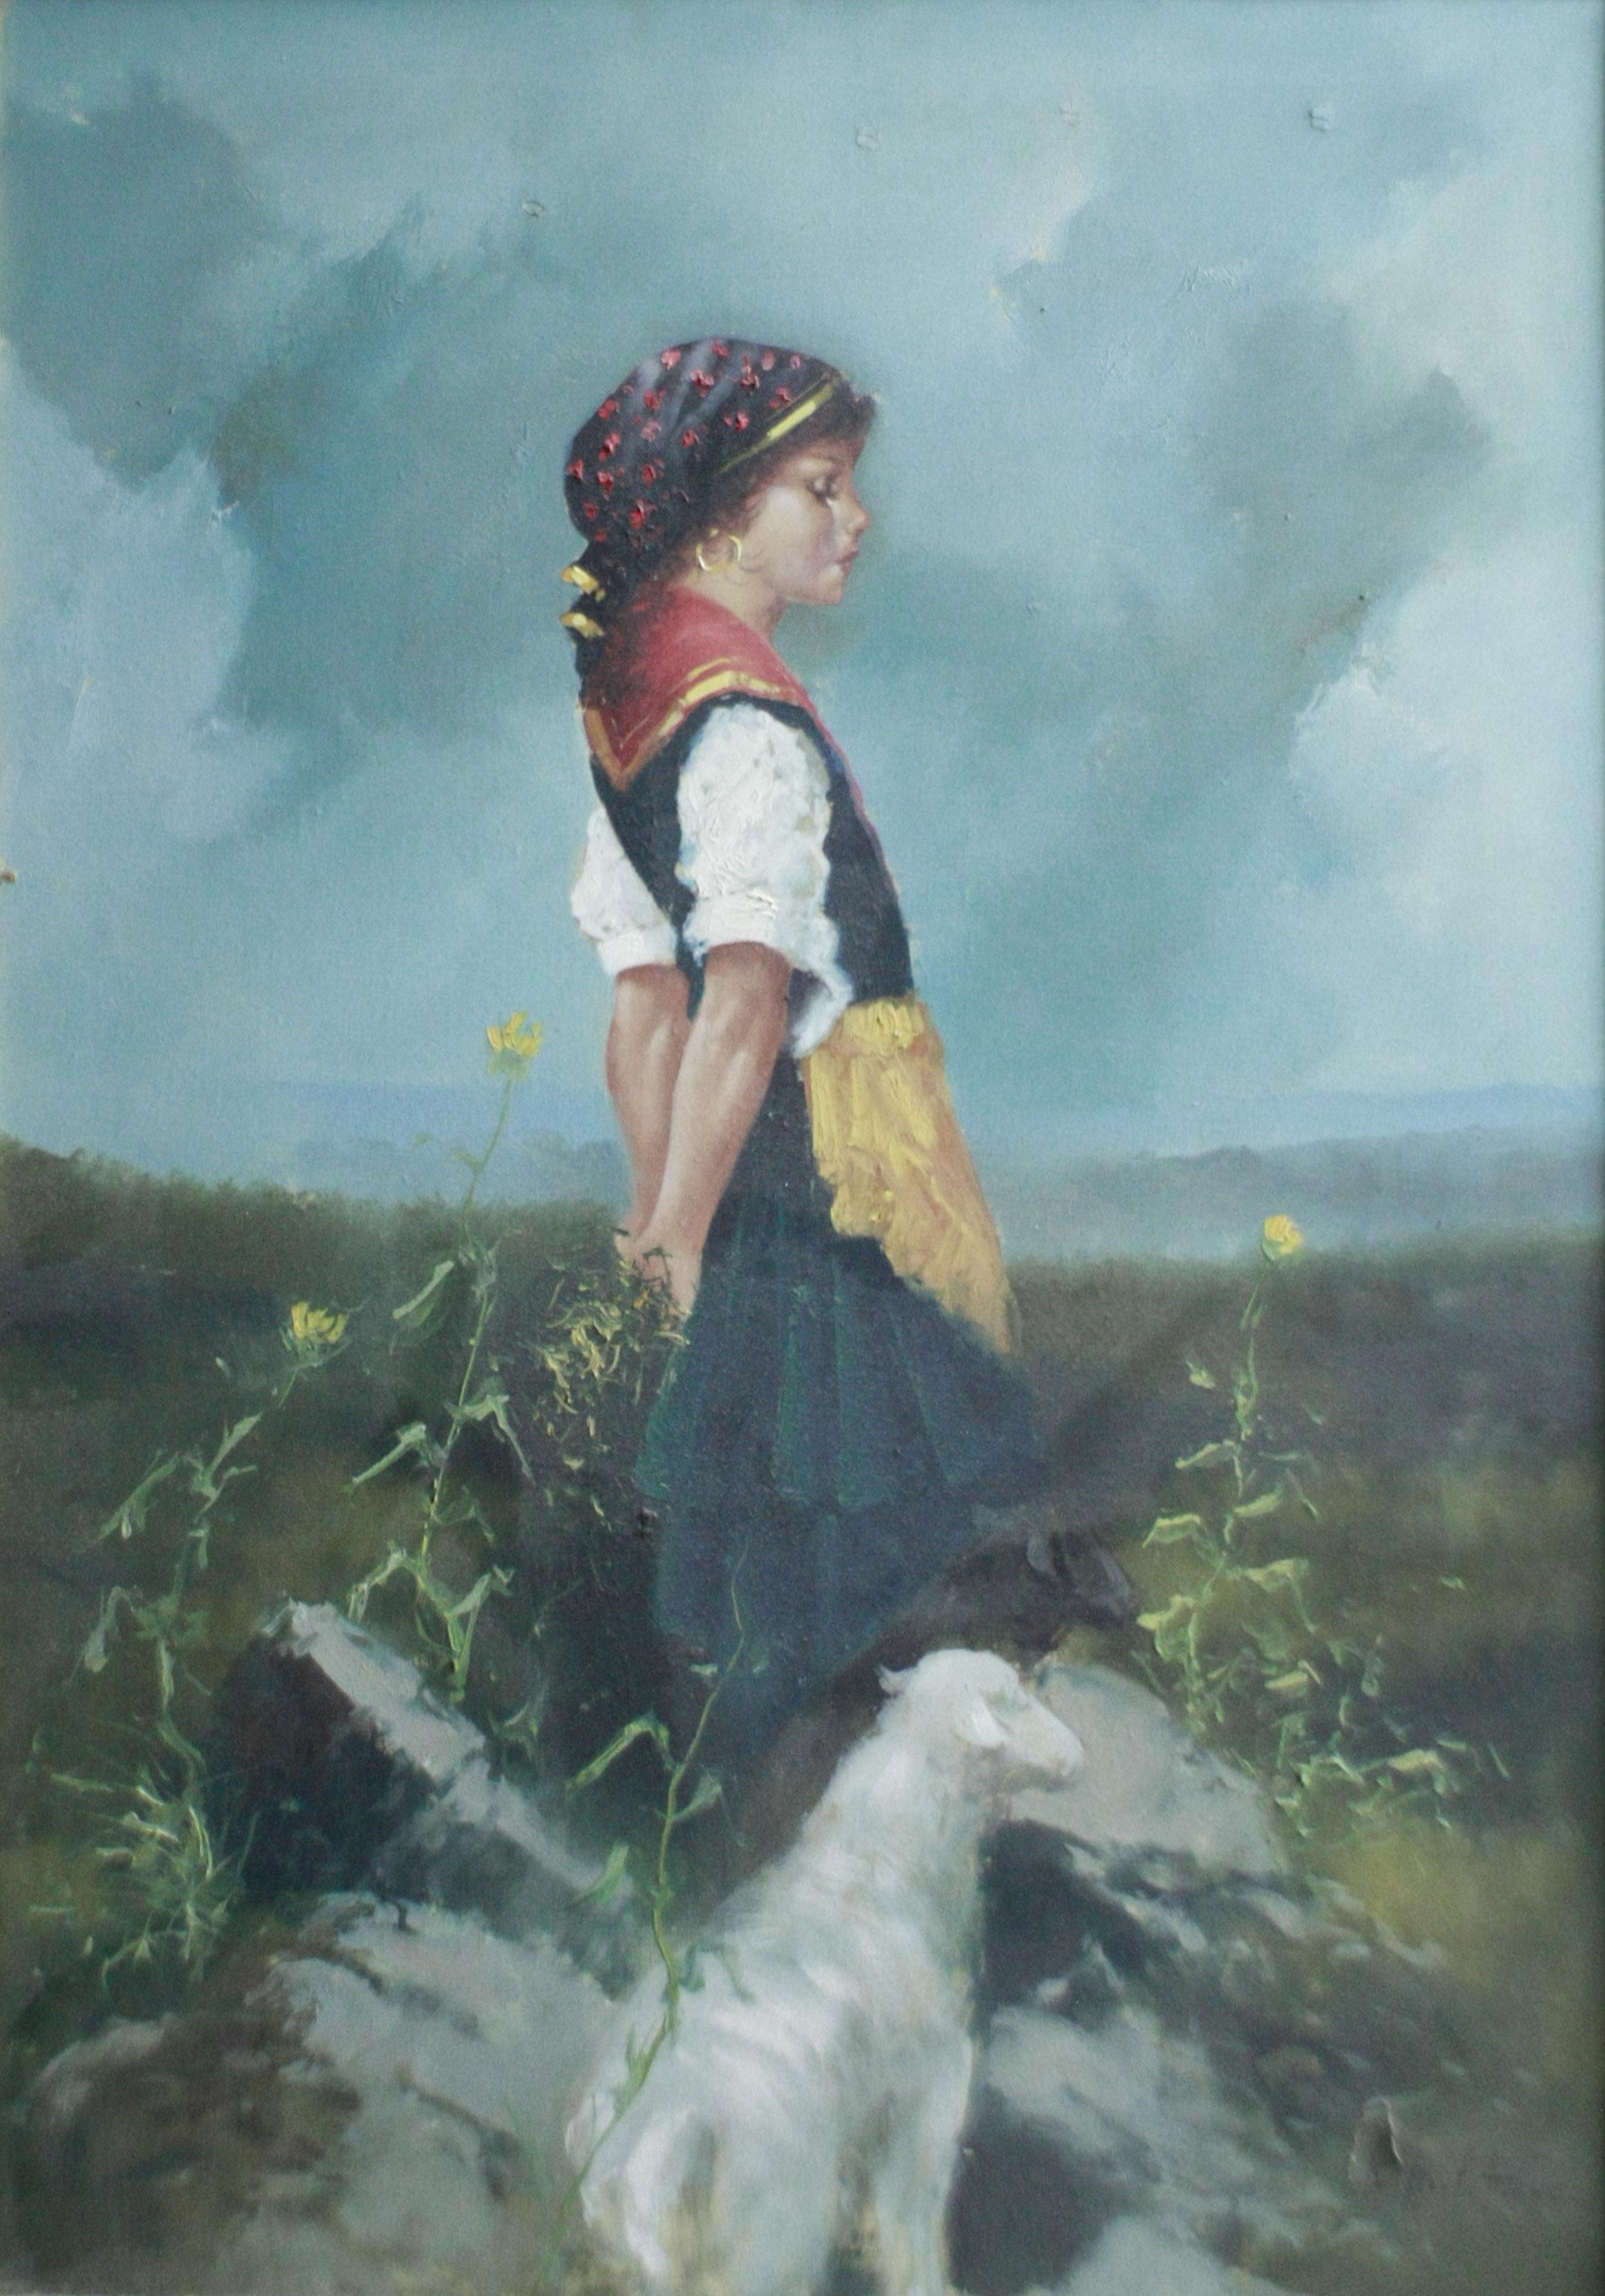 Raffaele Fiore – La pastorella